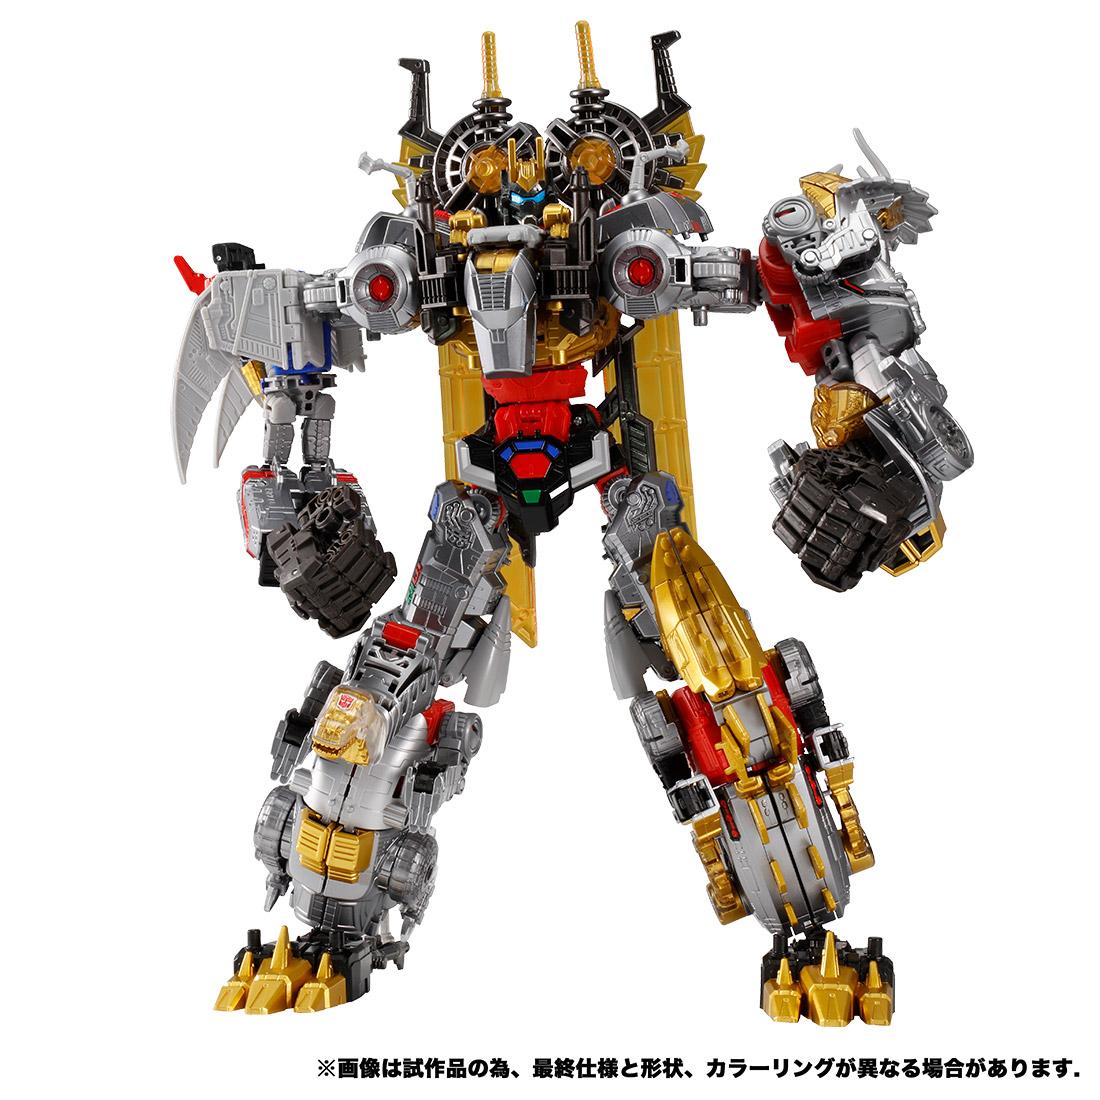 【限定販売】トランスフォーマー GENERATION SELECTS『ボルカニカス』可変可動フィギュア-002